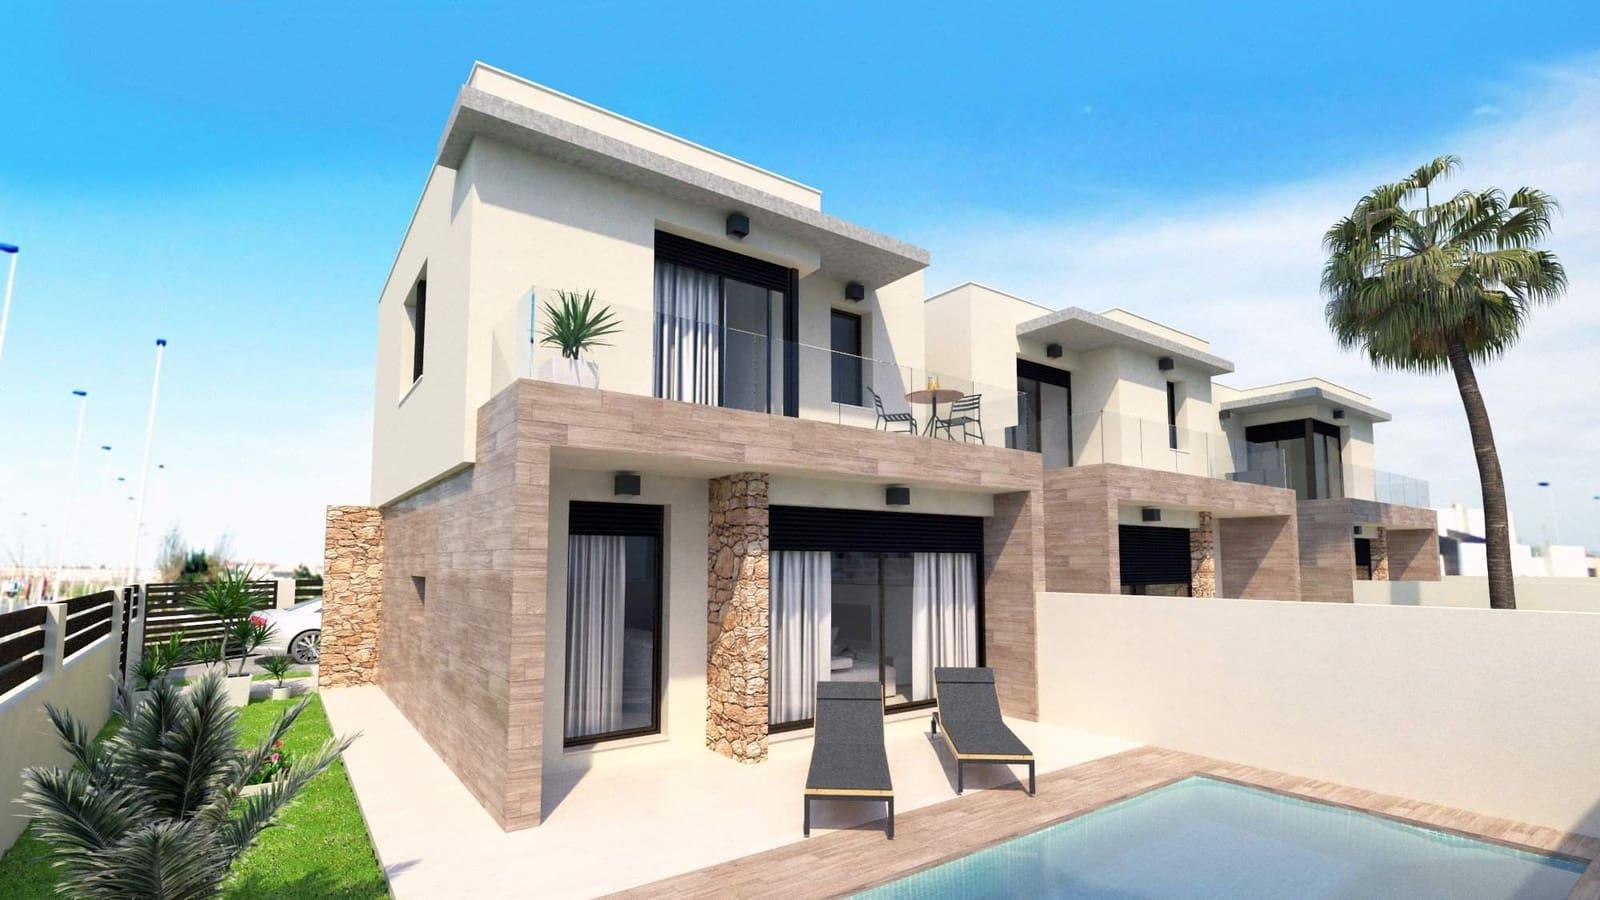 Chalet de 3 habitaciones en Pilar de la Horadada en venta - 380.000 € (Ref: 3910577)